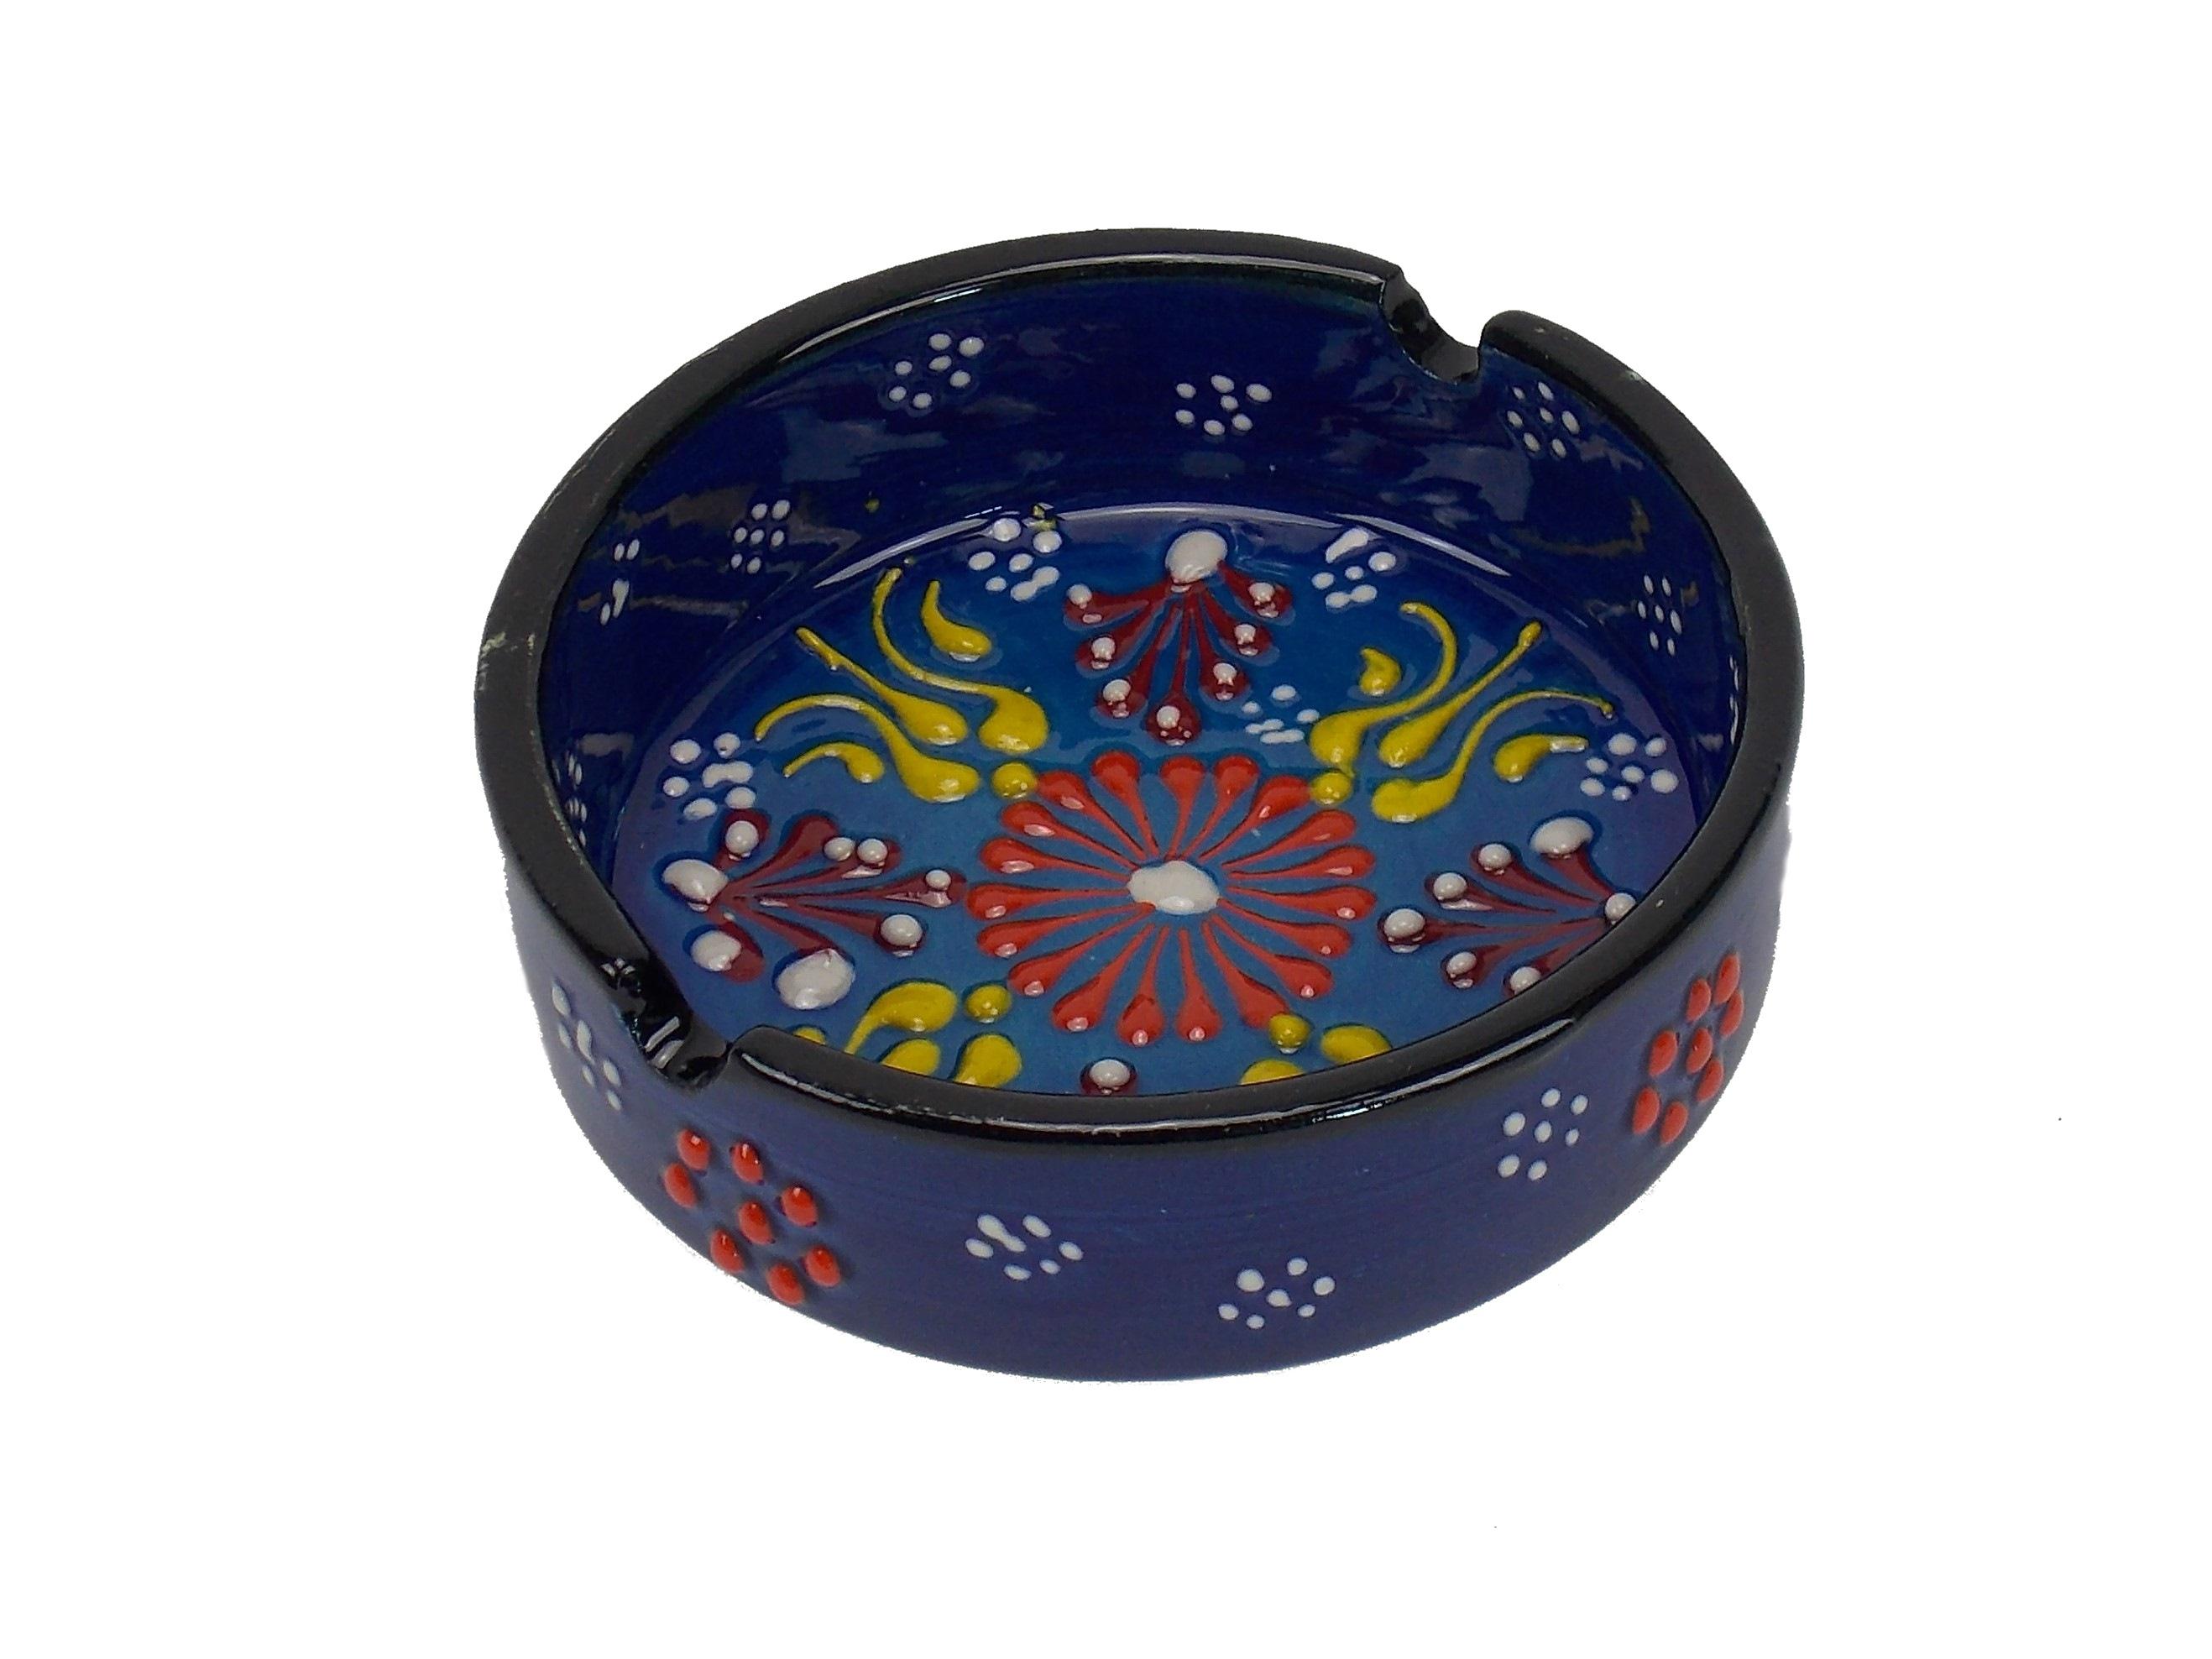 Scrumiera din ceramica - 10cm diverse culori